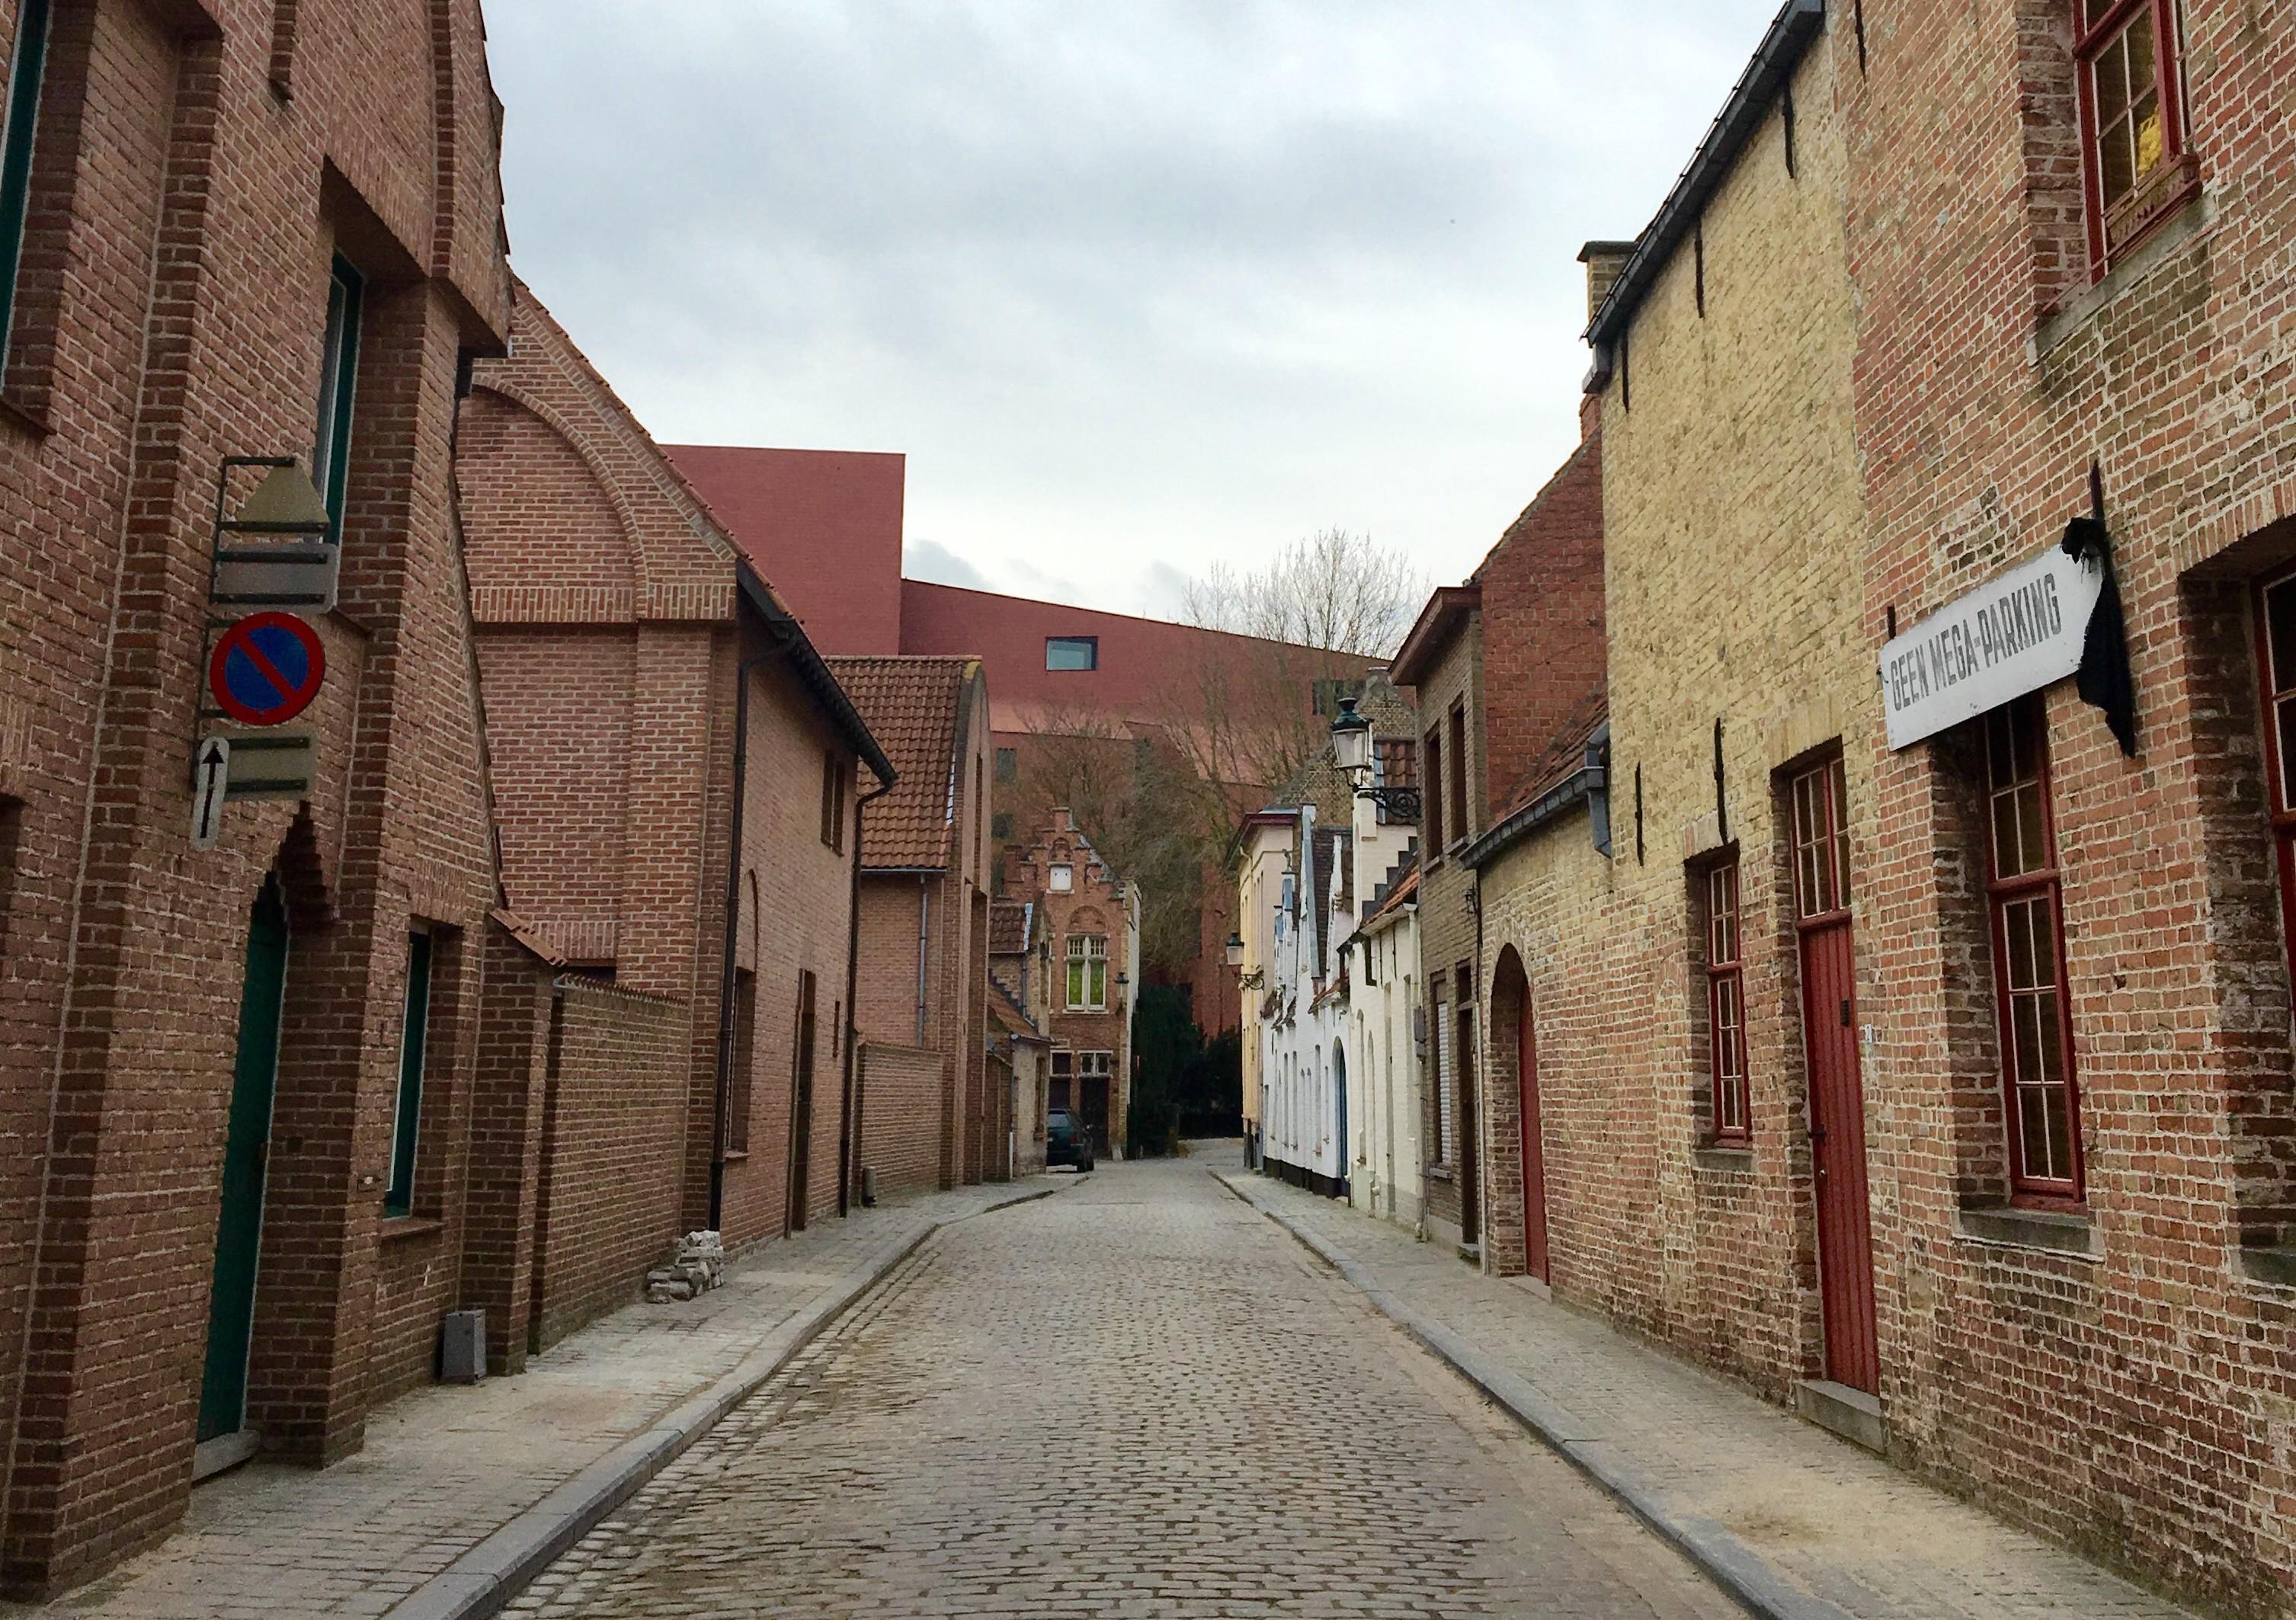 オランダからブルージュへ小旅行①(街歩き&ベルギーフリット)